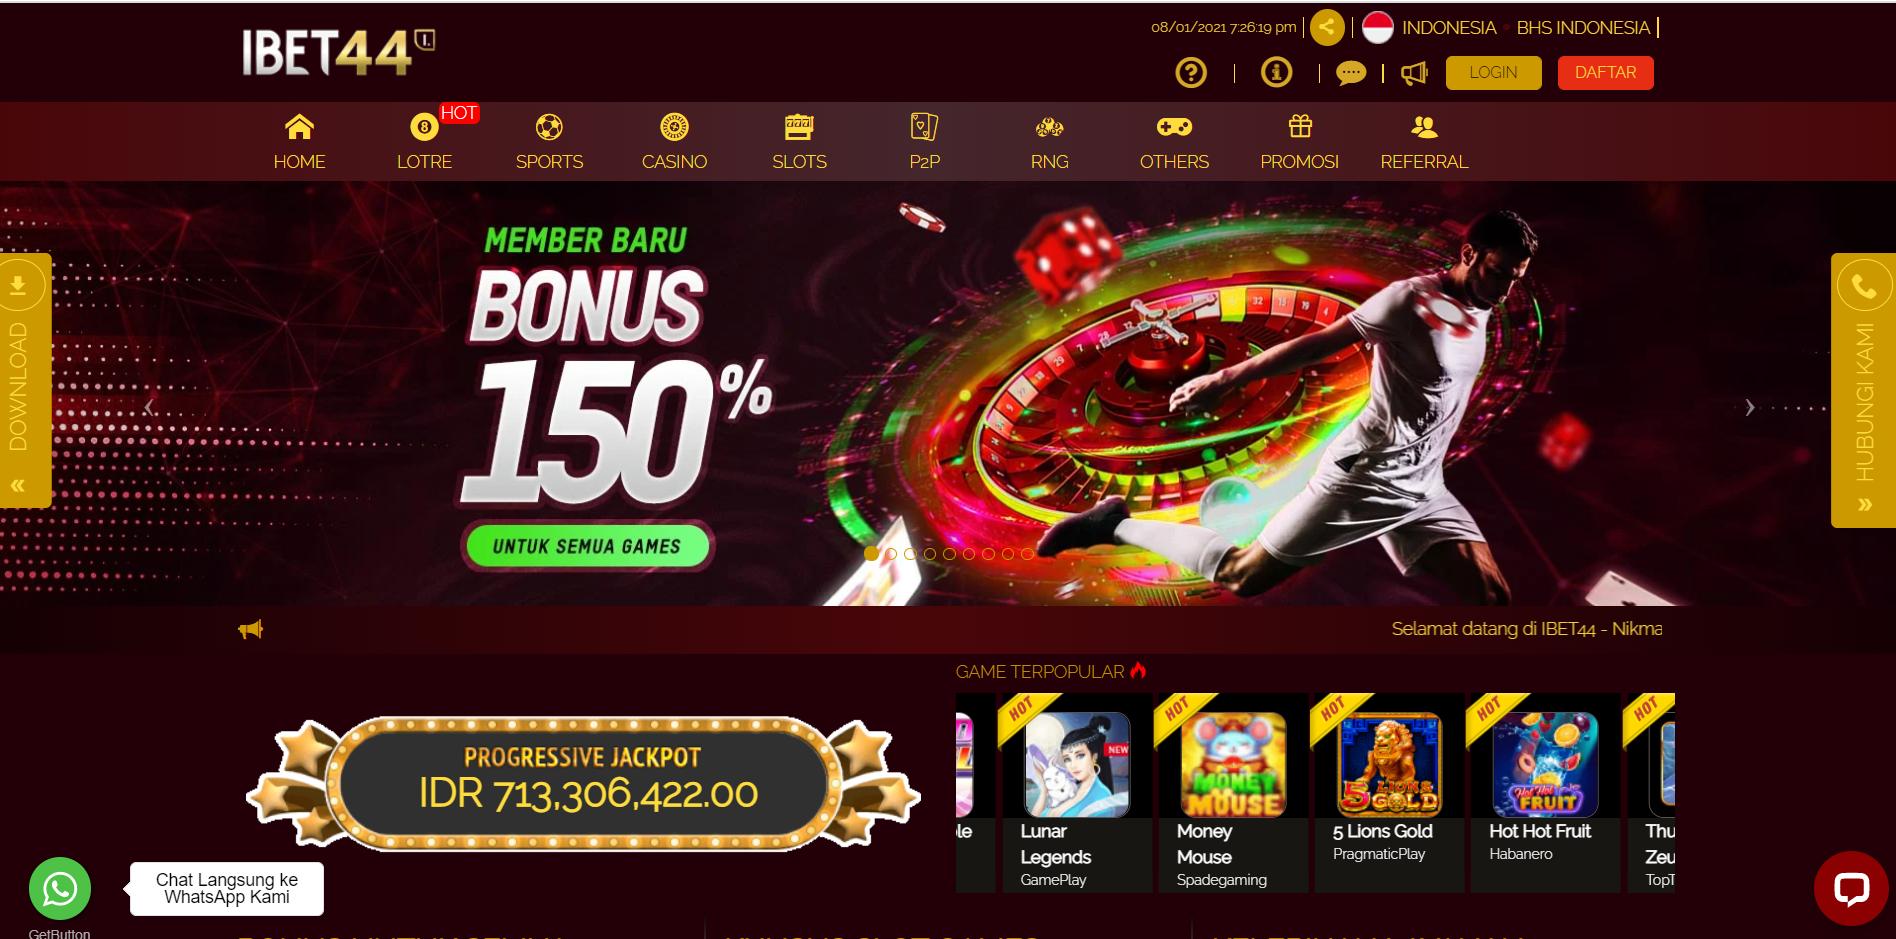 Indo Bookie Review - Situs Judi Slot dan Live Casino Terpercaya | Ibet44